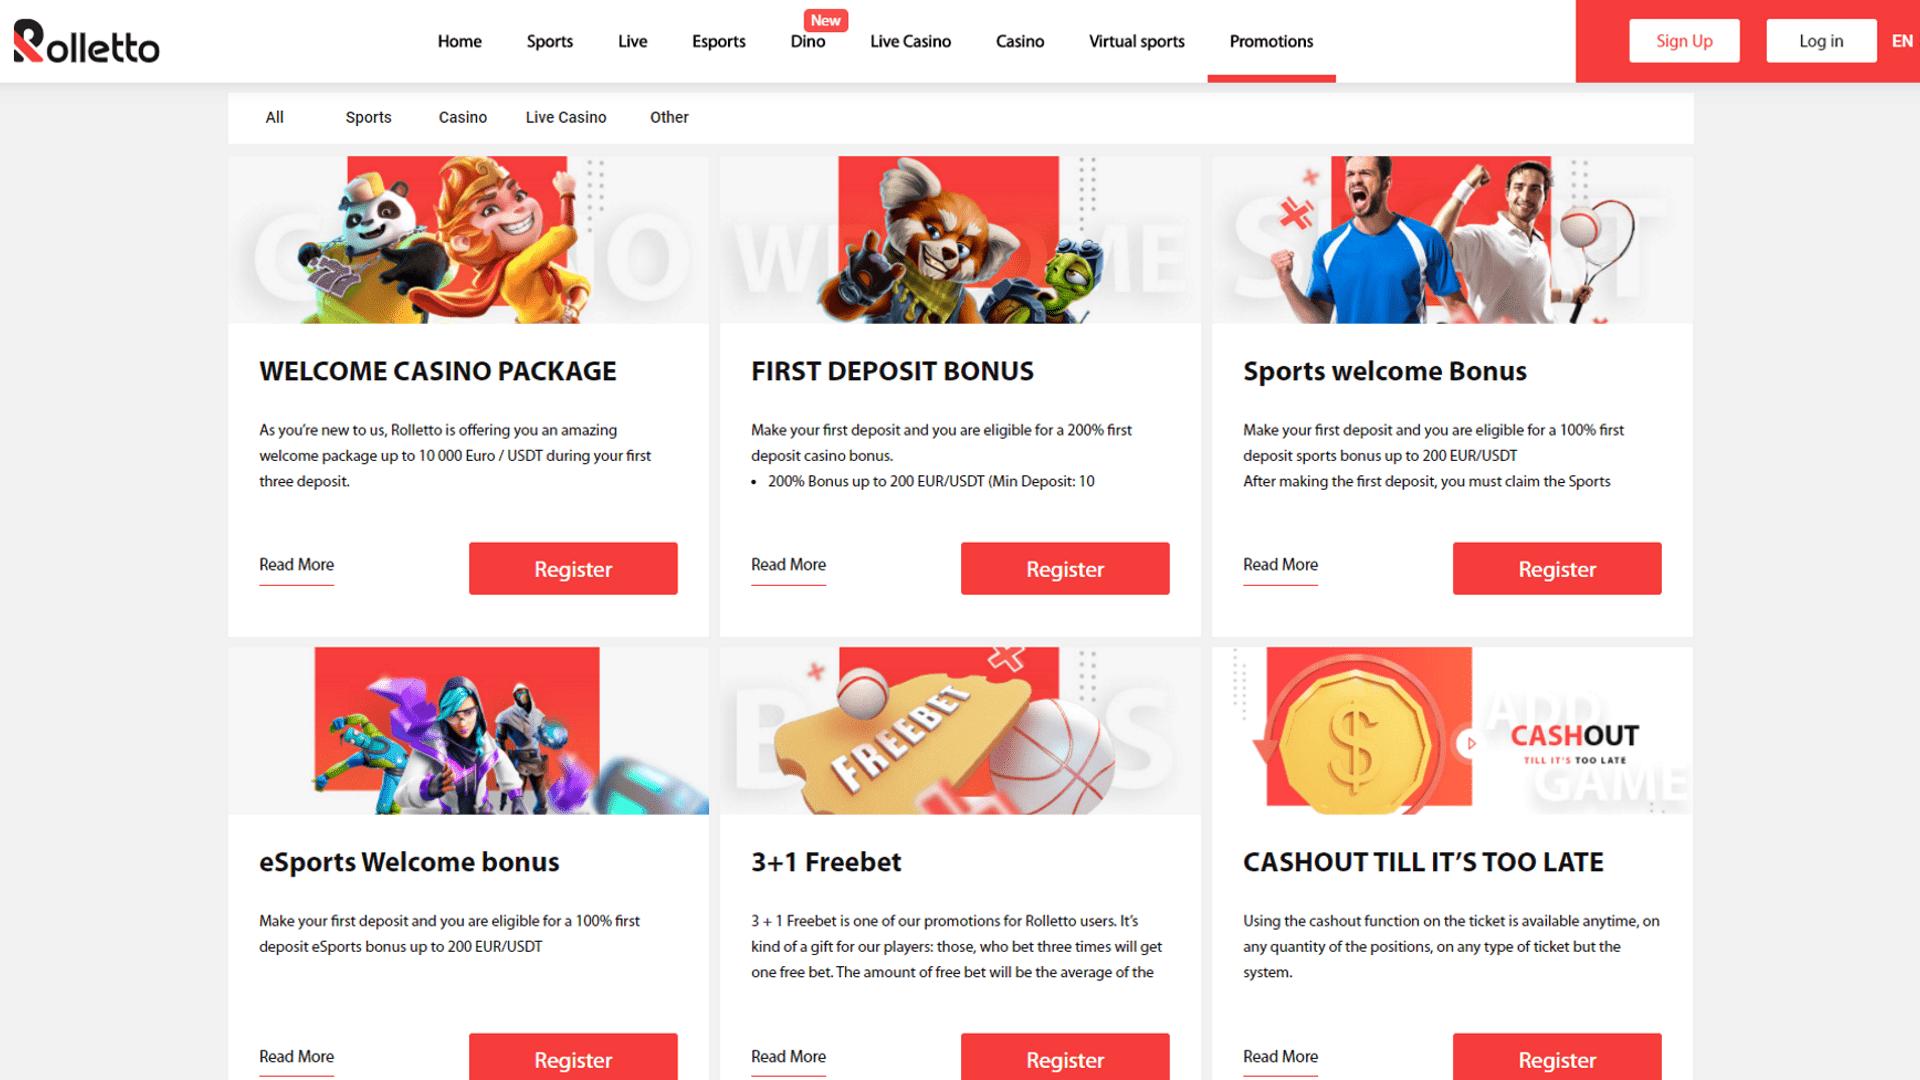 Rolletto Casino Bonus Codes 2021